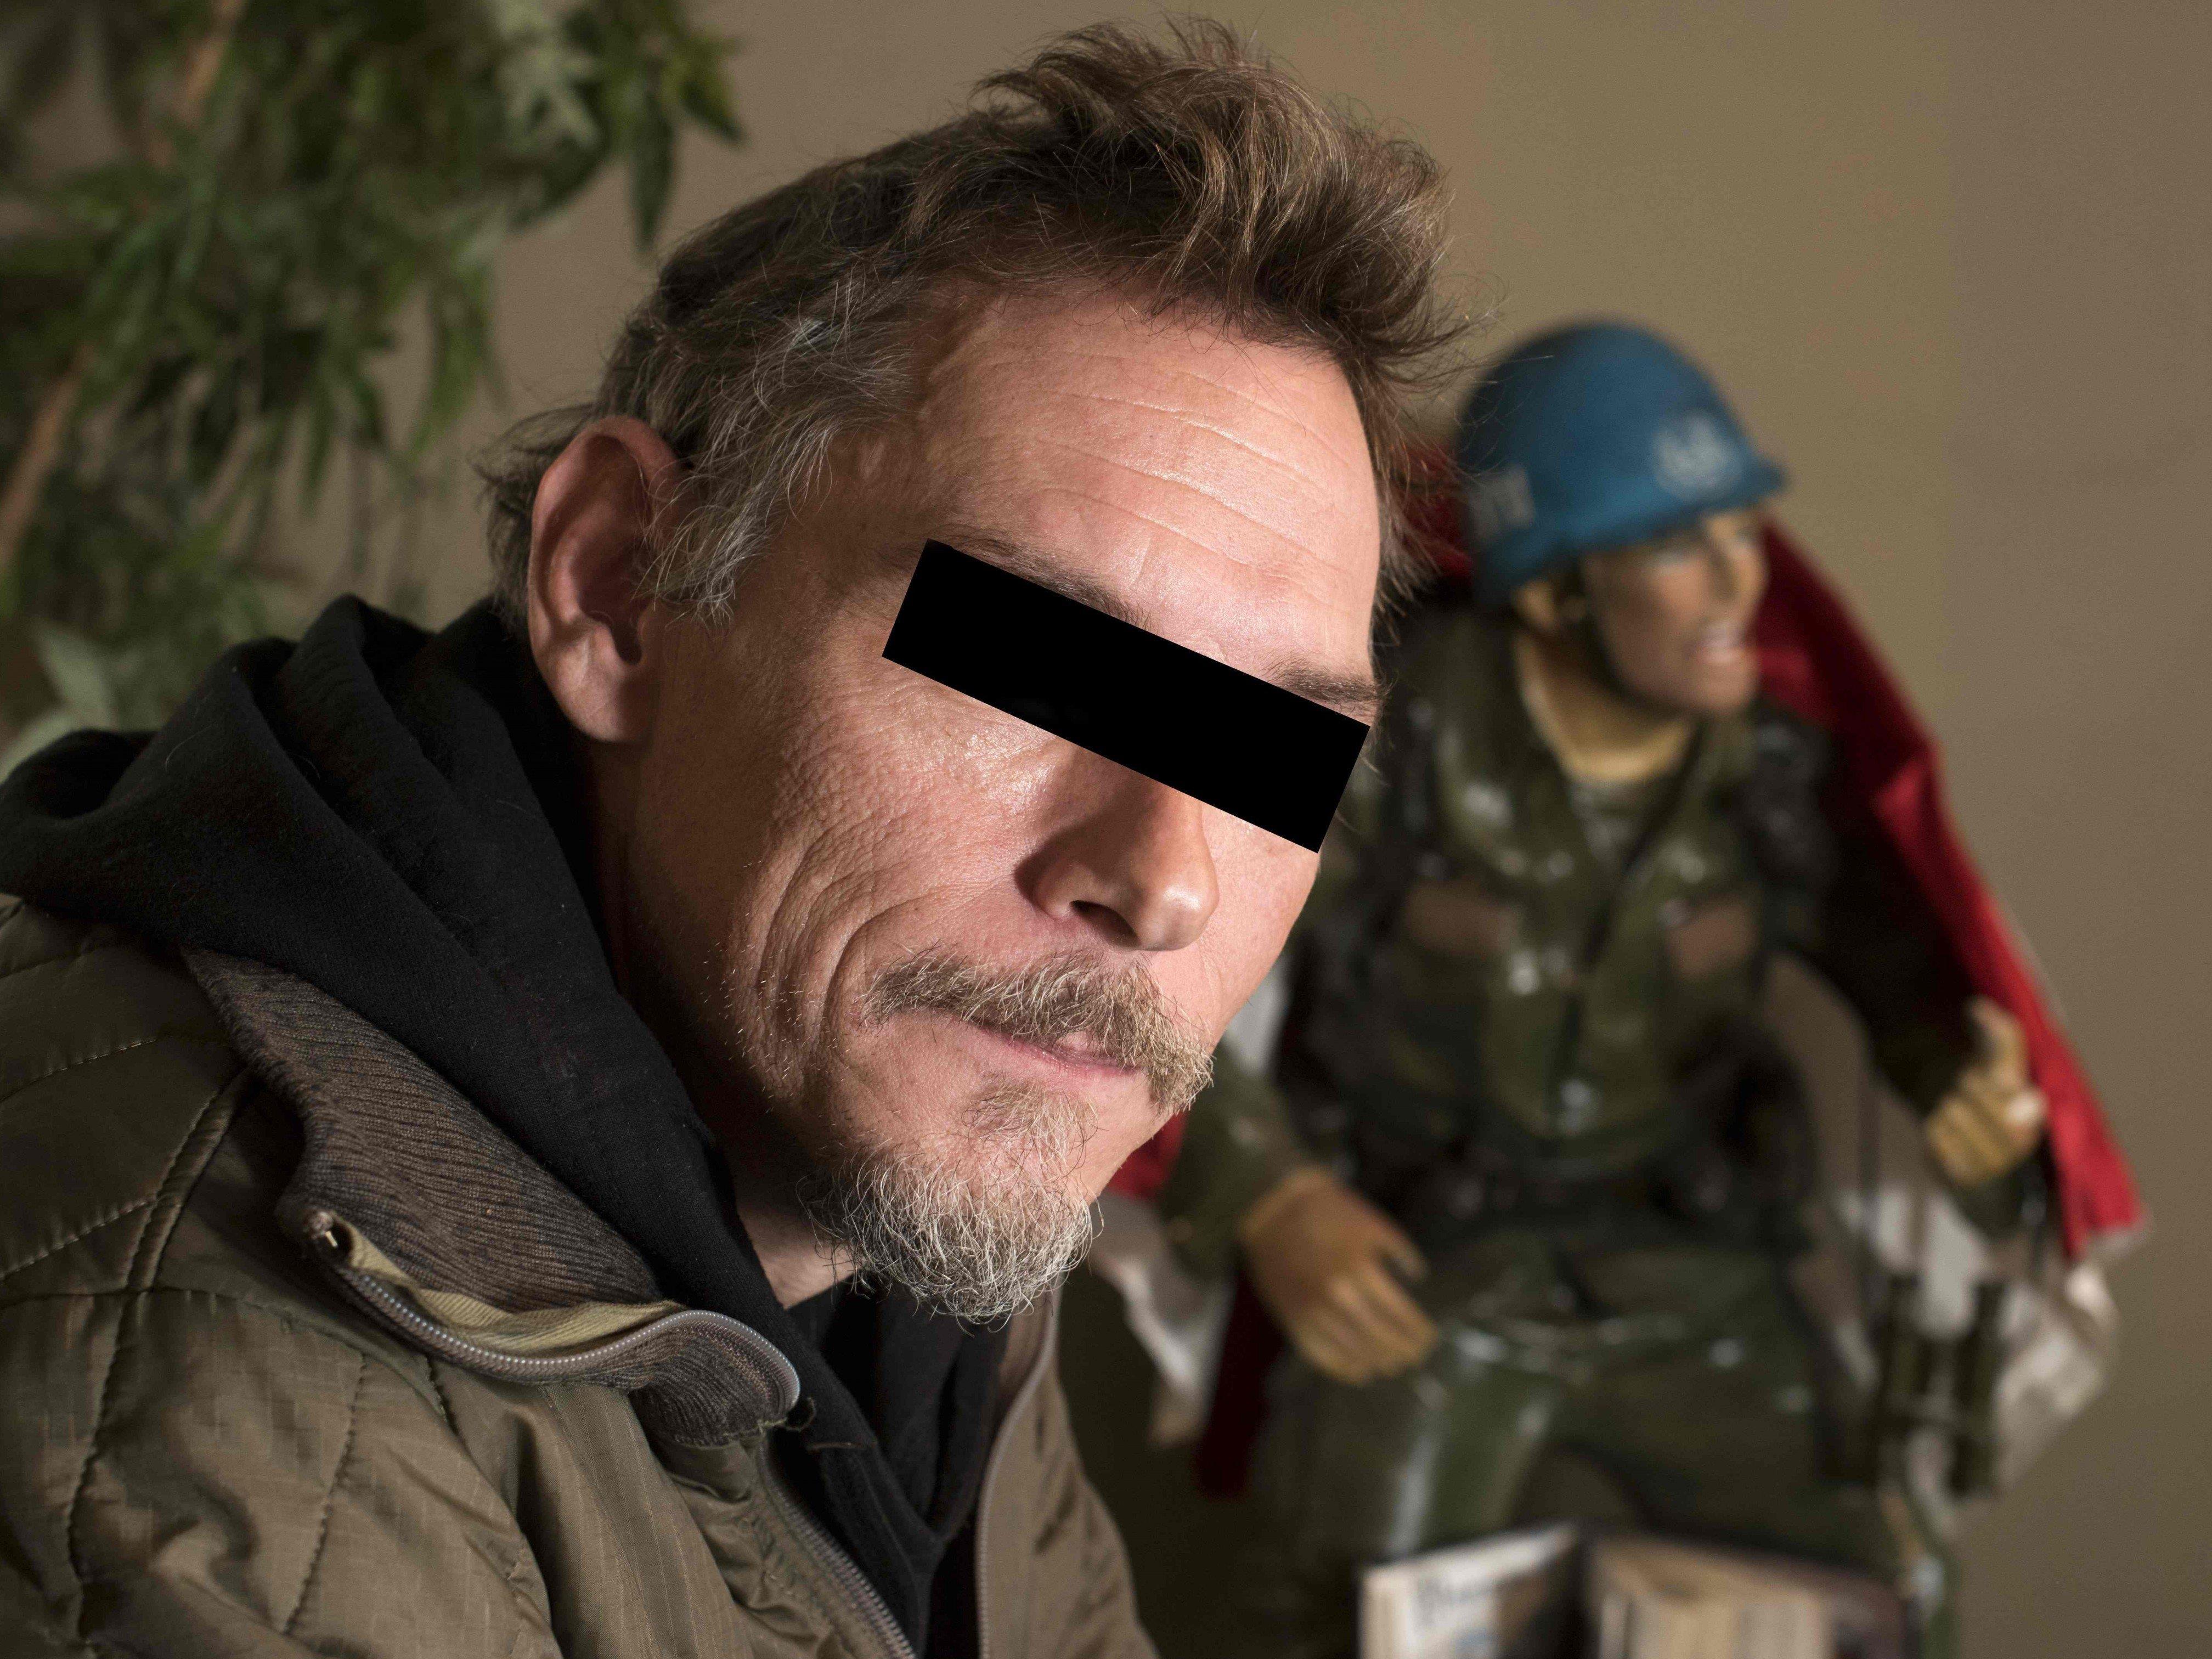 Der ehemalige Elitesoldat soll mehrere IS-Kämpfer getötet haben. Für seine Landsleute gebührt ihm eine Auszeichnung, der Staatsanwalt ließ ihn festnehmen.